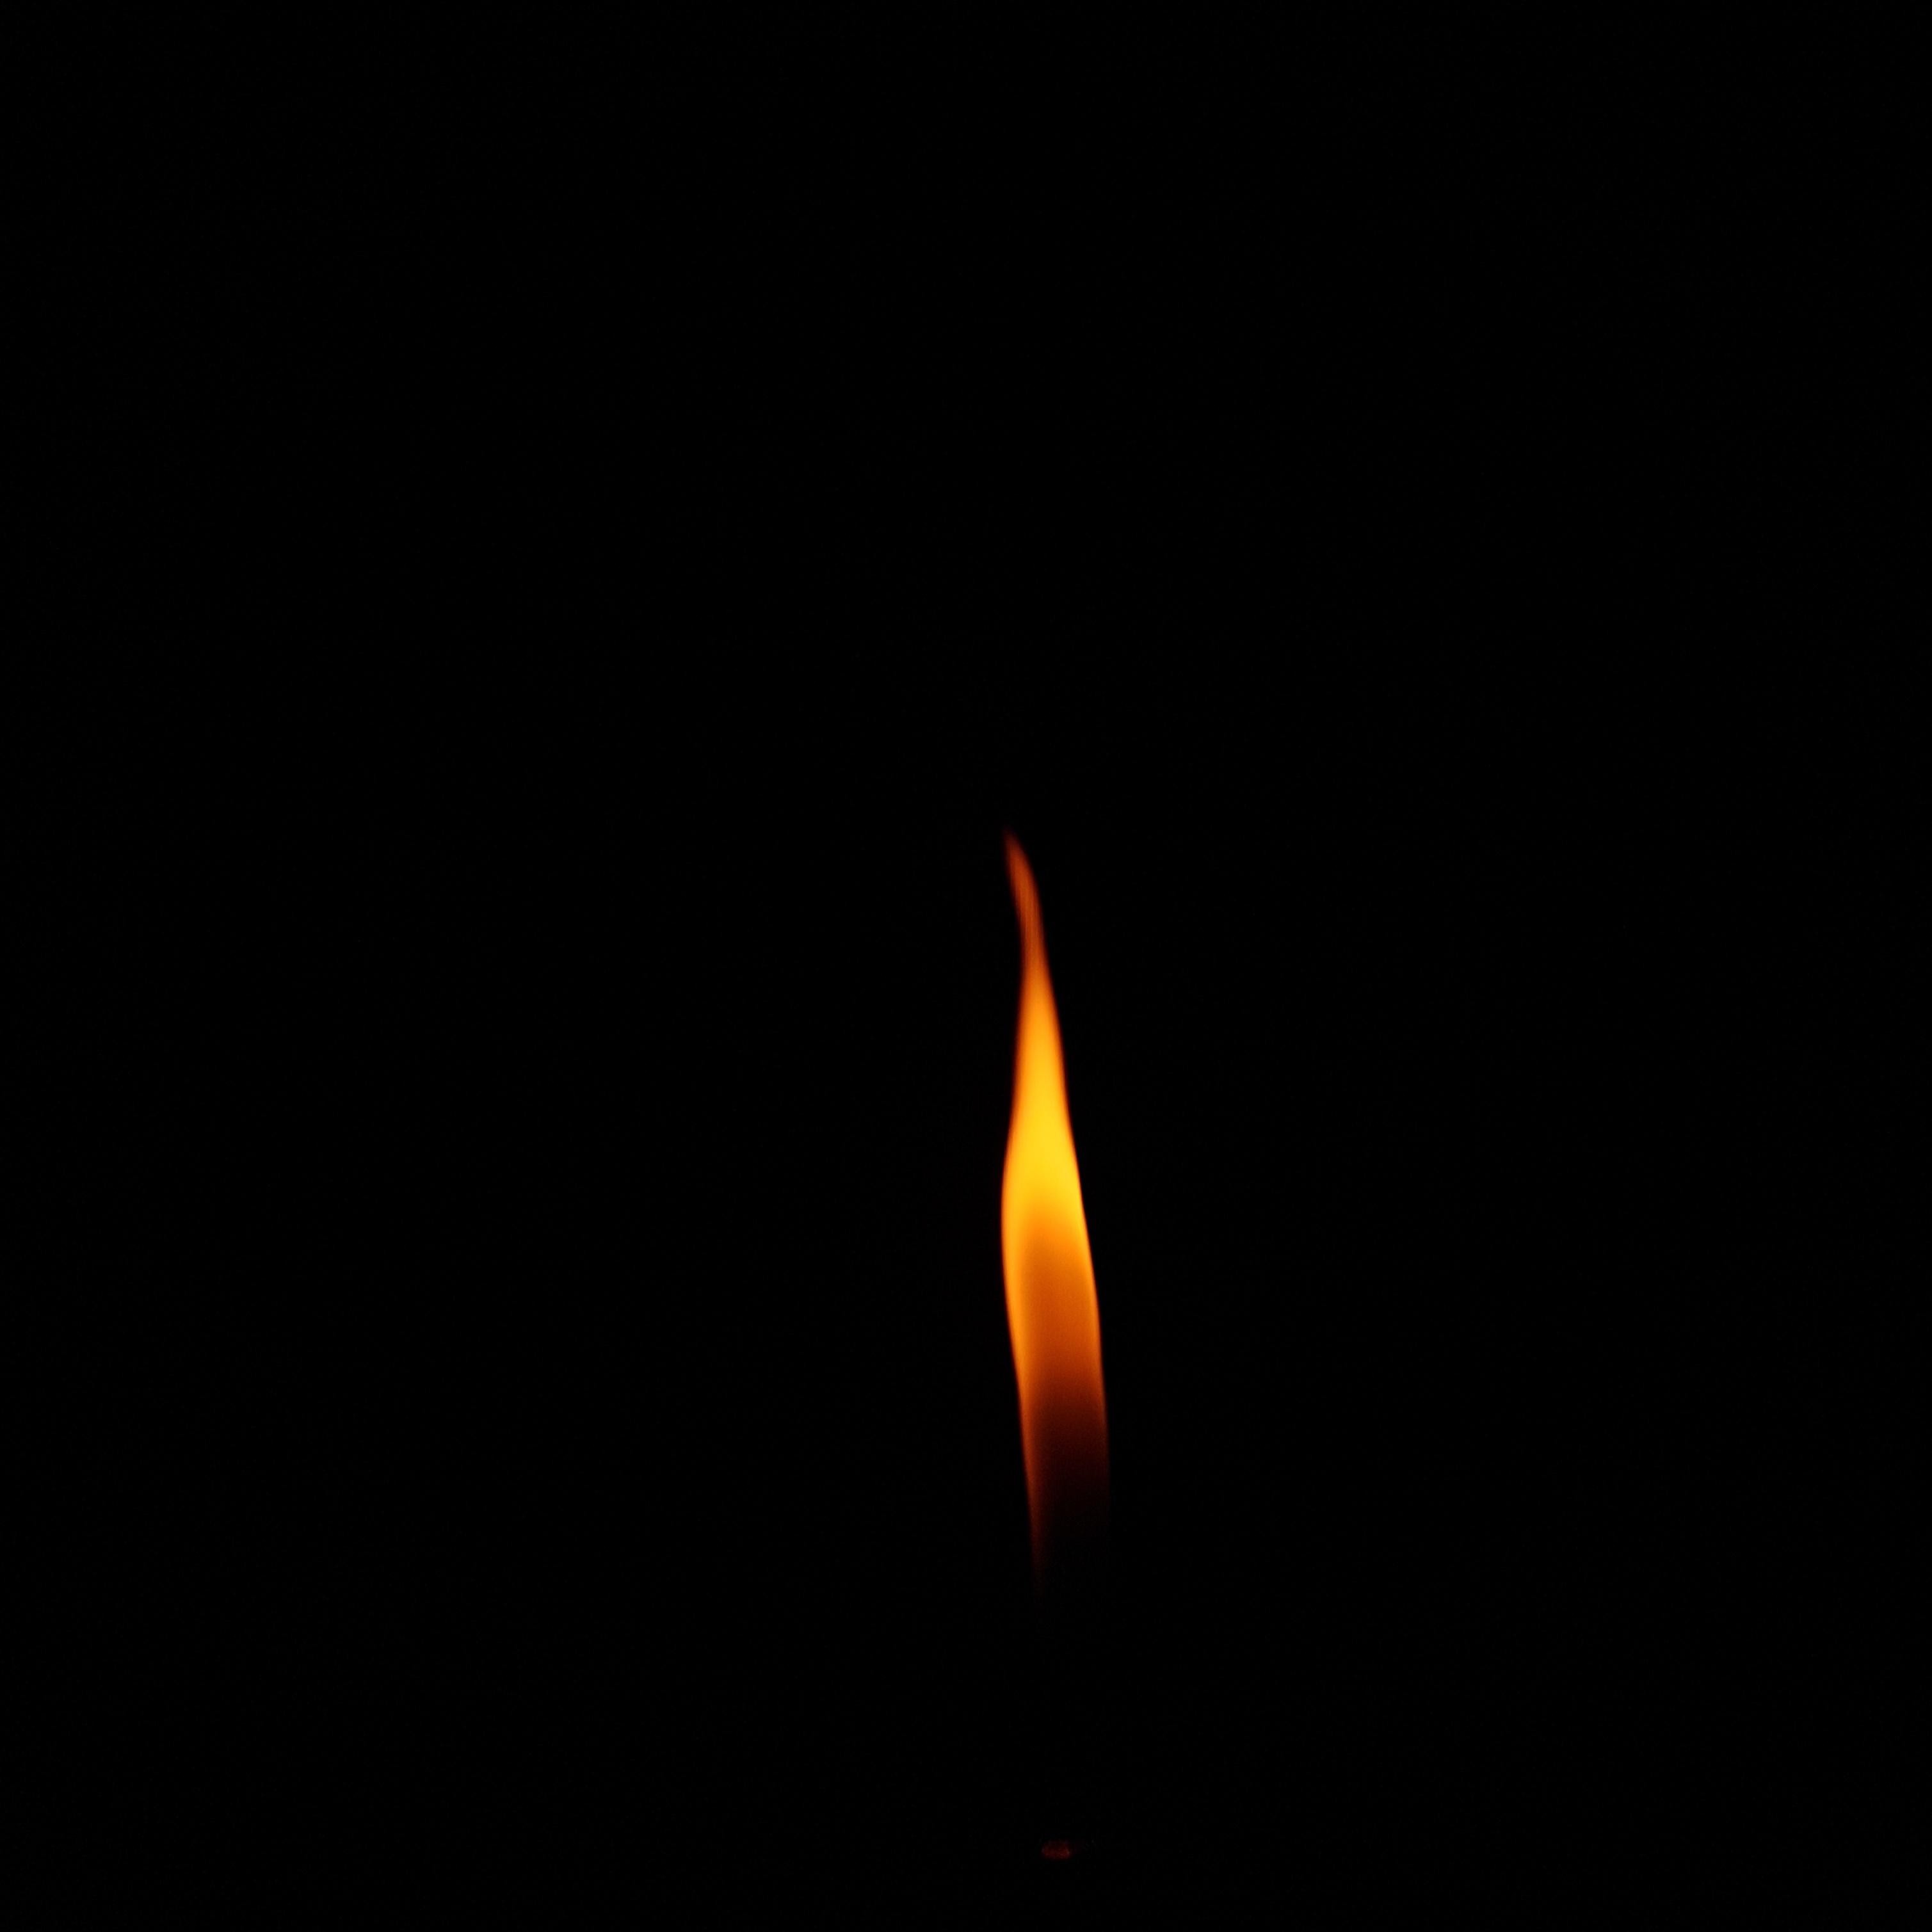 141472 免費下載壁紙 极简主义, 火, 火焰, 蜡烛, 黑暗的, 黑暗 屏保和圖片